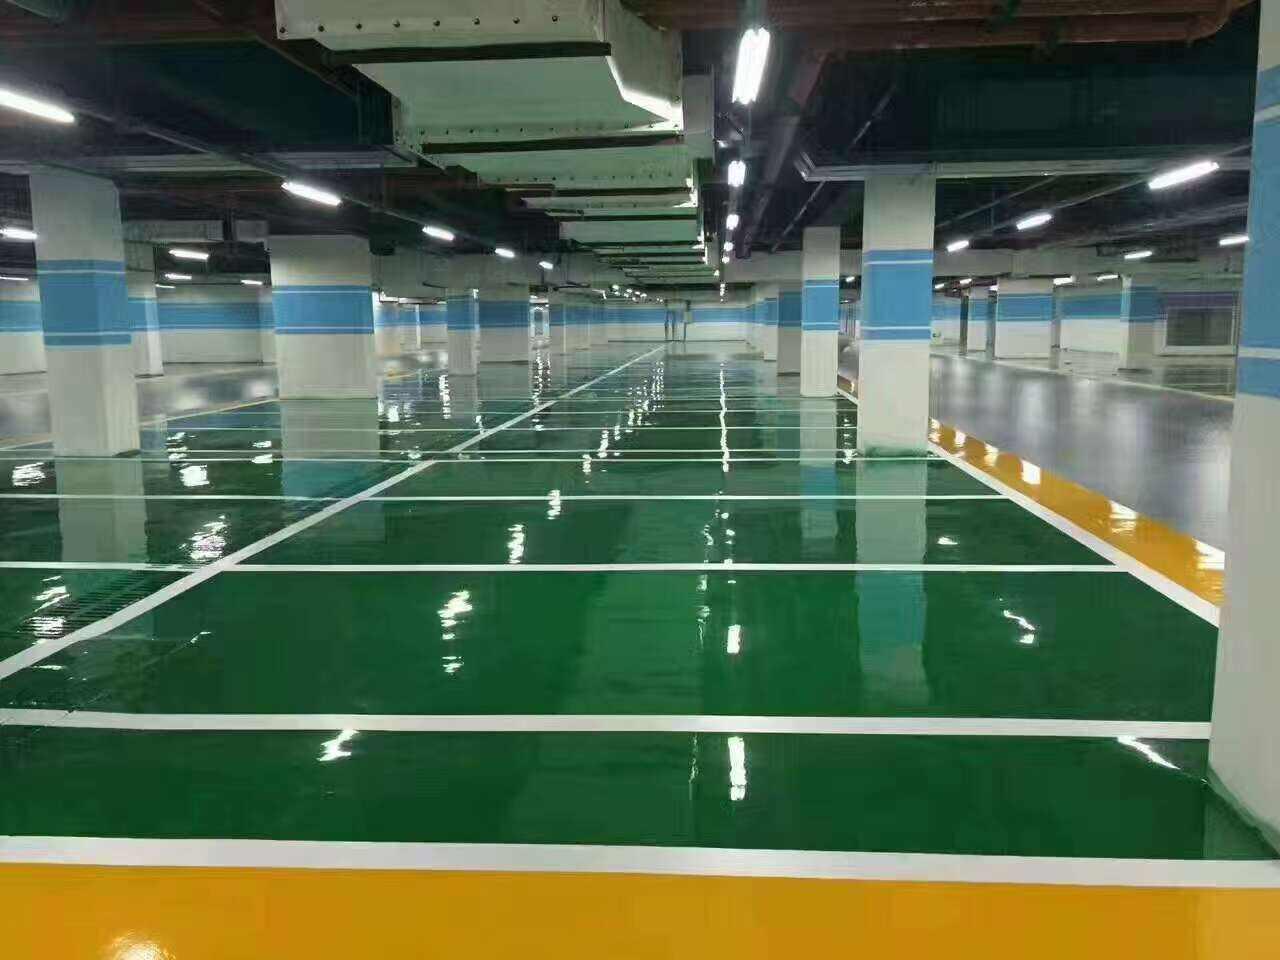 金阊混凝土密封固化剂地坪-苏州市材料厂家+施工